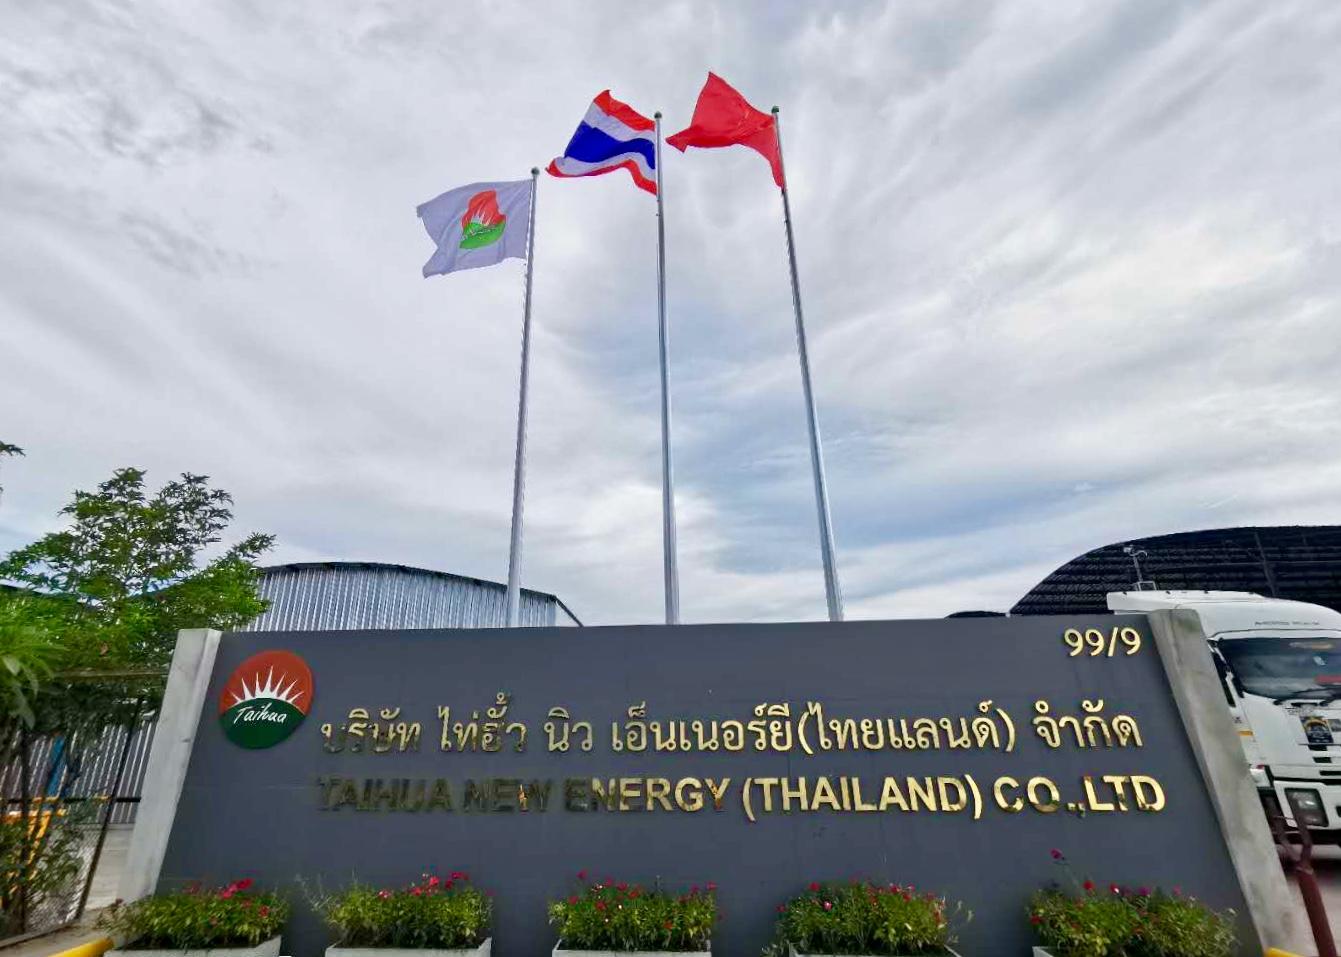 泰国温州商会会员企业拜访录(6) 泰国温州商会会员企业:泰华新能源(泰国)有限公司的总经理任光君先生